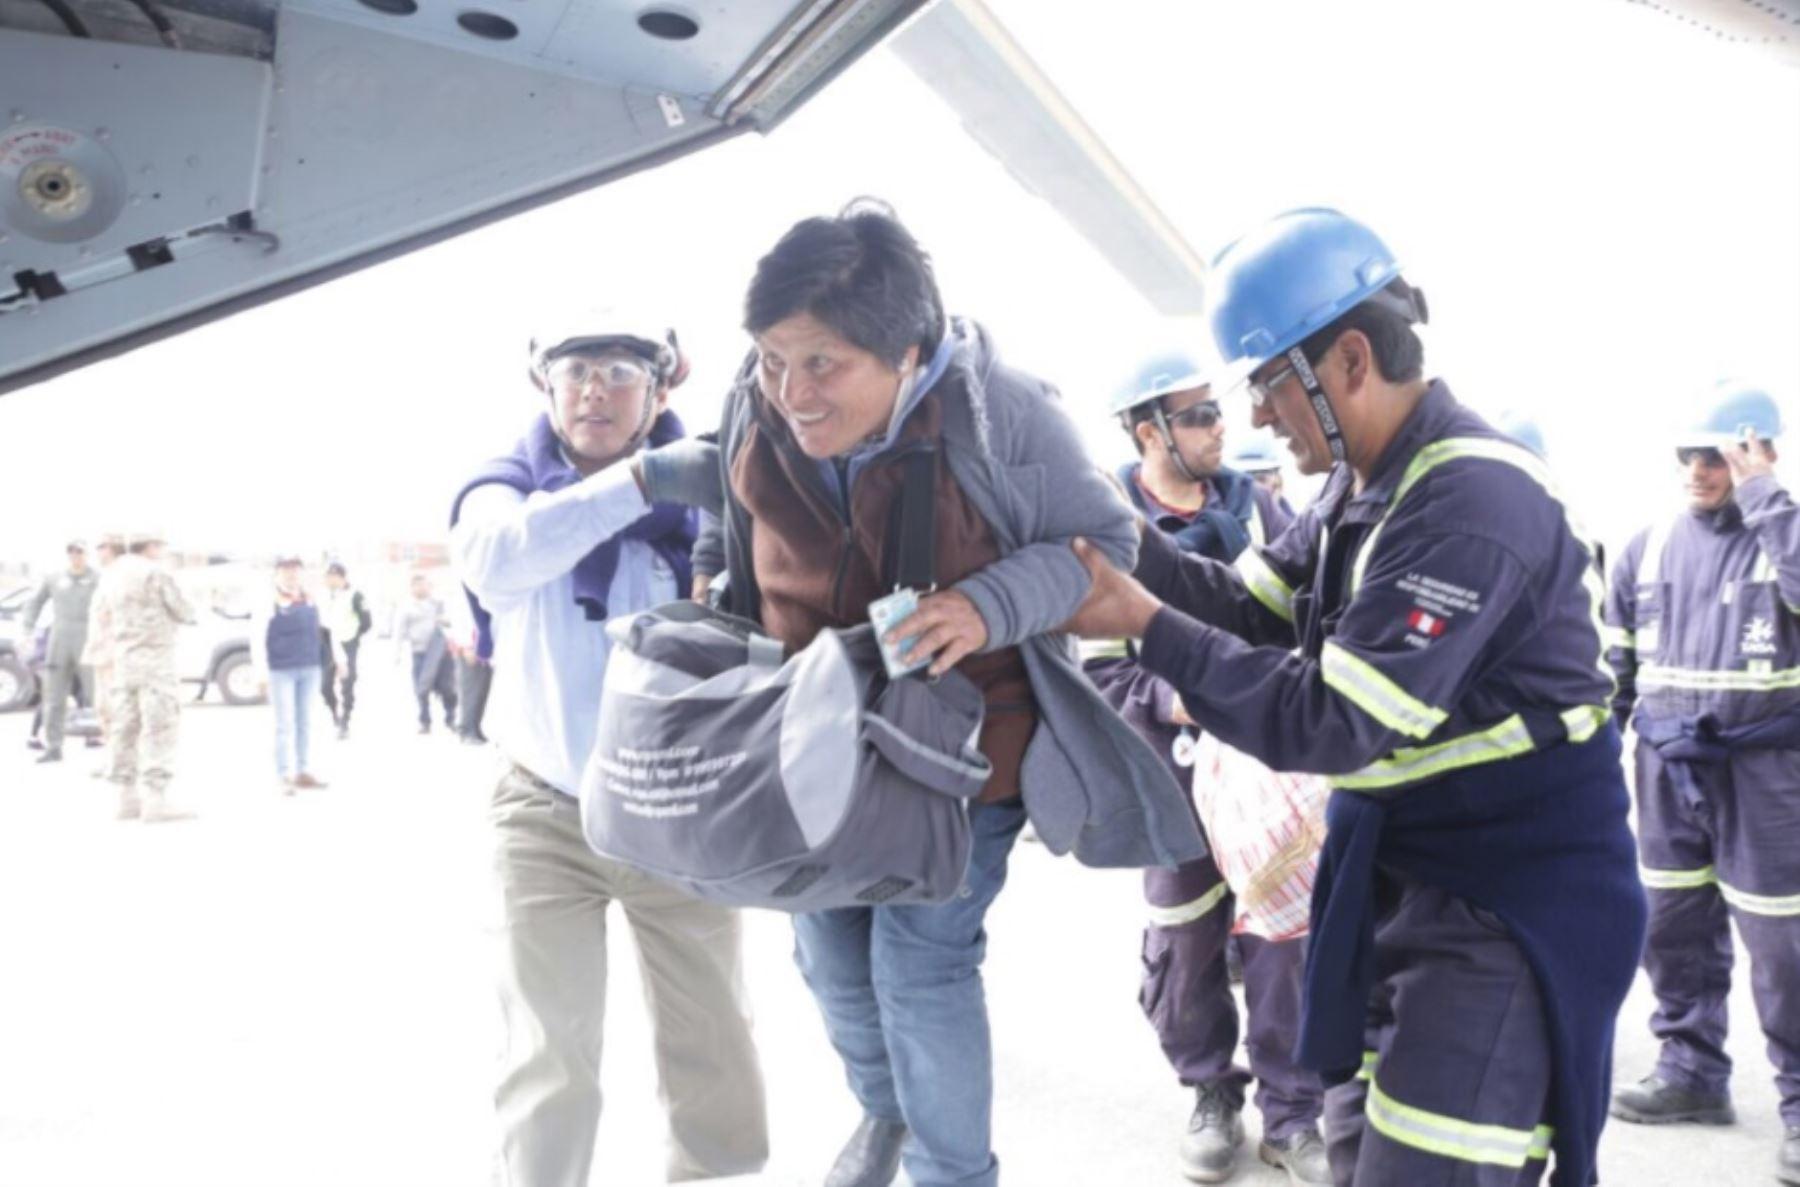 El puente aéreo establecido por las autoridades con la valiosa participación de las Fuerzas Armadas está permitiendo el traslado de cientos de personas varadas en la carretera Panamericana Sur debido a los derrumbes de rocas y tierra provocados por el fuerte sismo ocurrido el lunes último en Arequipa. ANDINA/Difusión